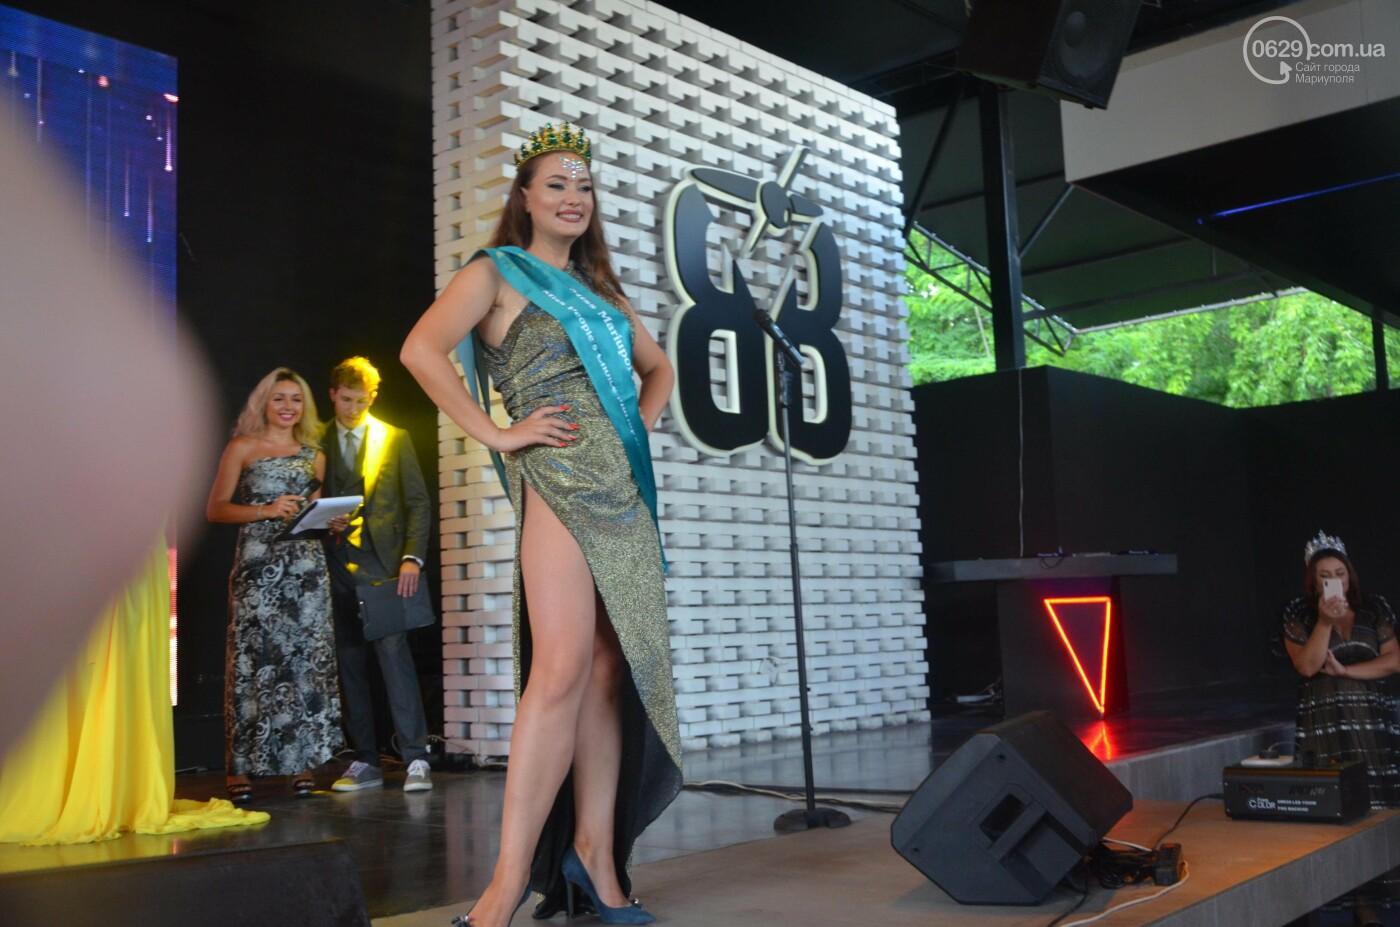 В Мариуполе выбрали Мисс и Миссис Мариуполь plus size, -  ФОТО, ВИДЕО, фото-11